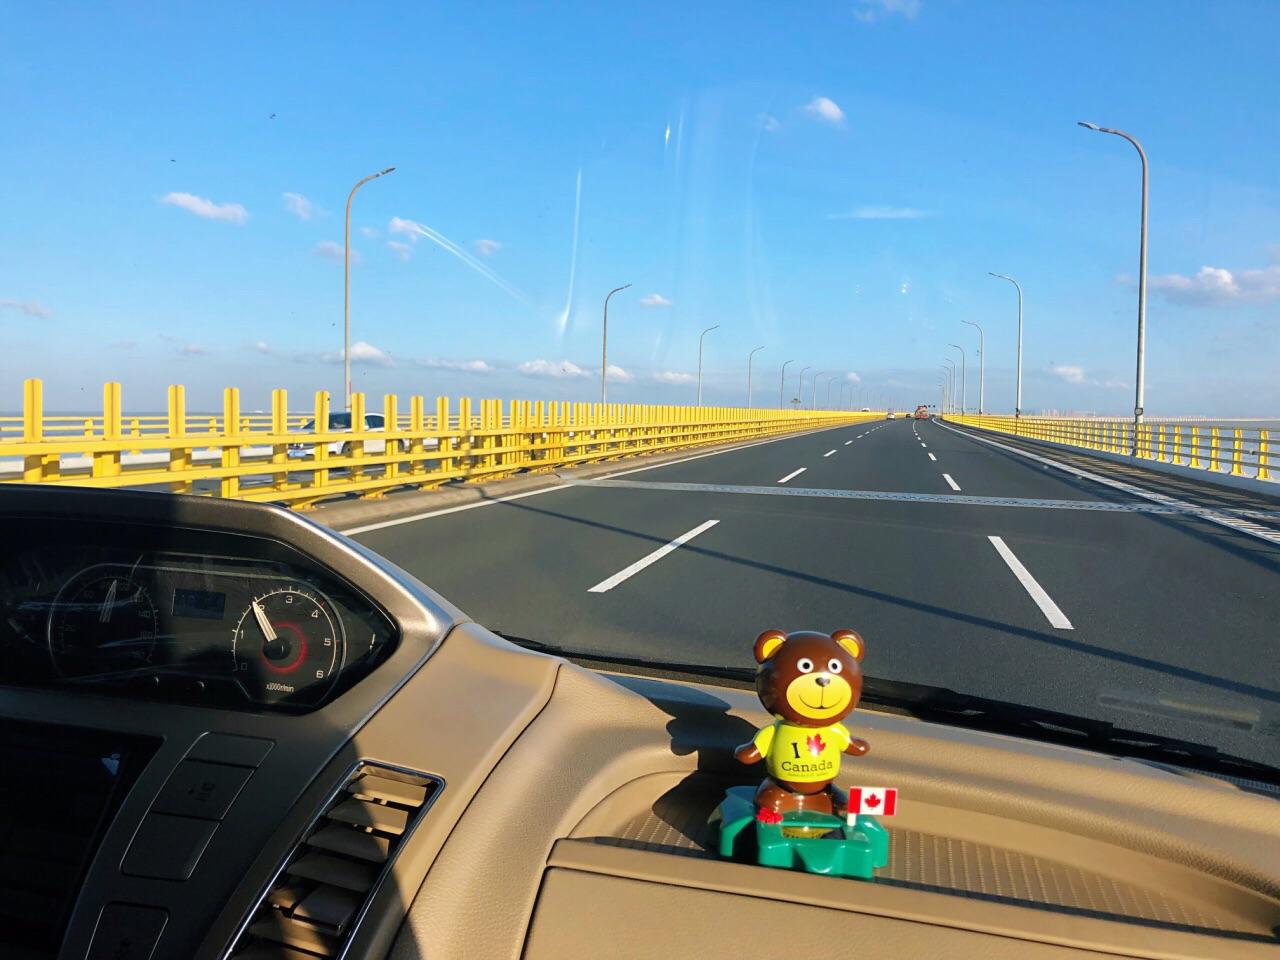 杭州湾v大桥大桥交通堵塞完美全关攻略图片